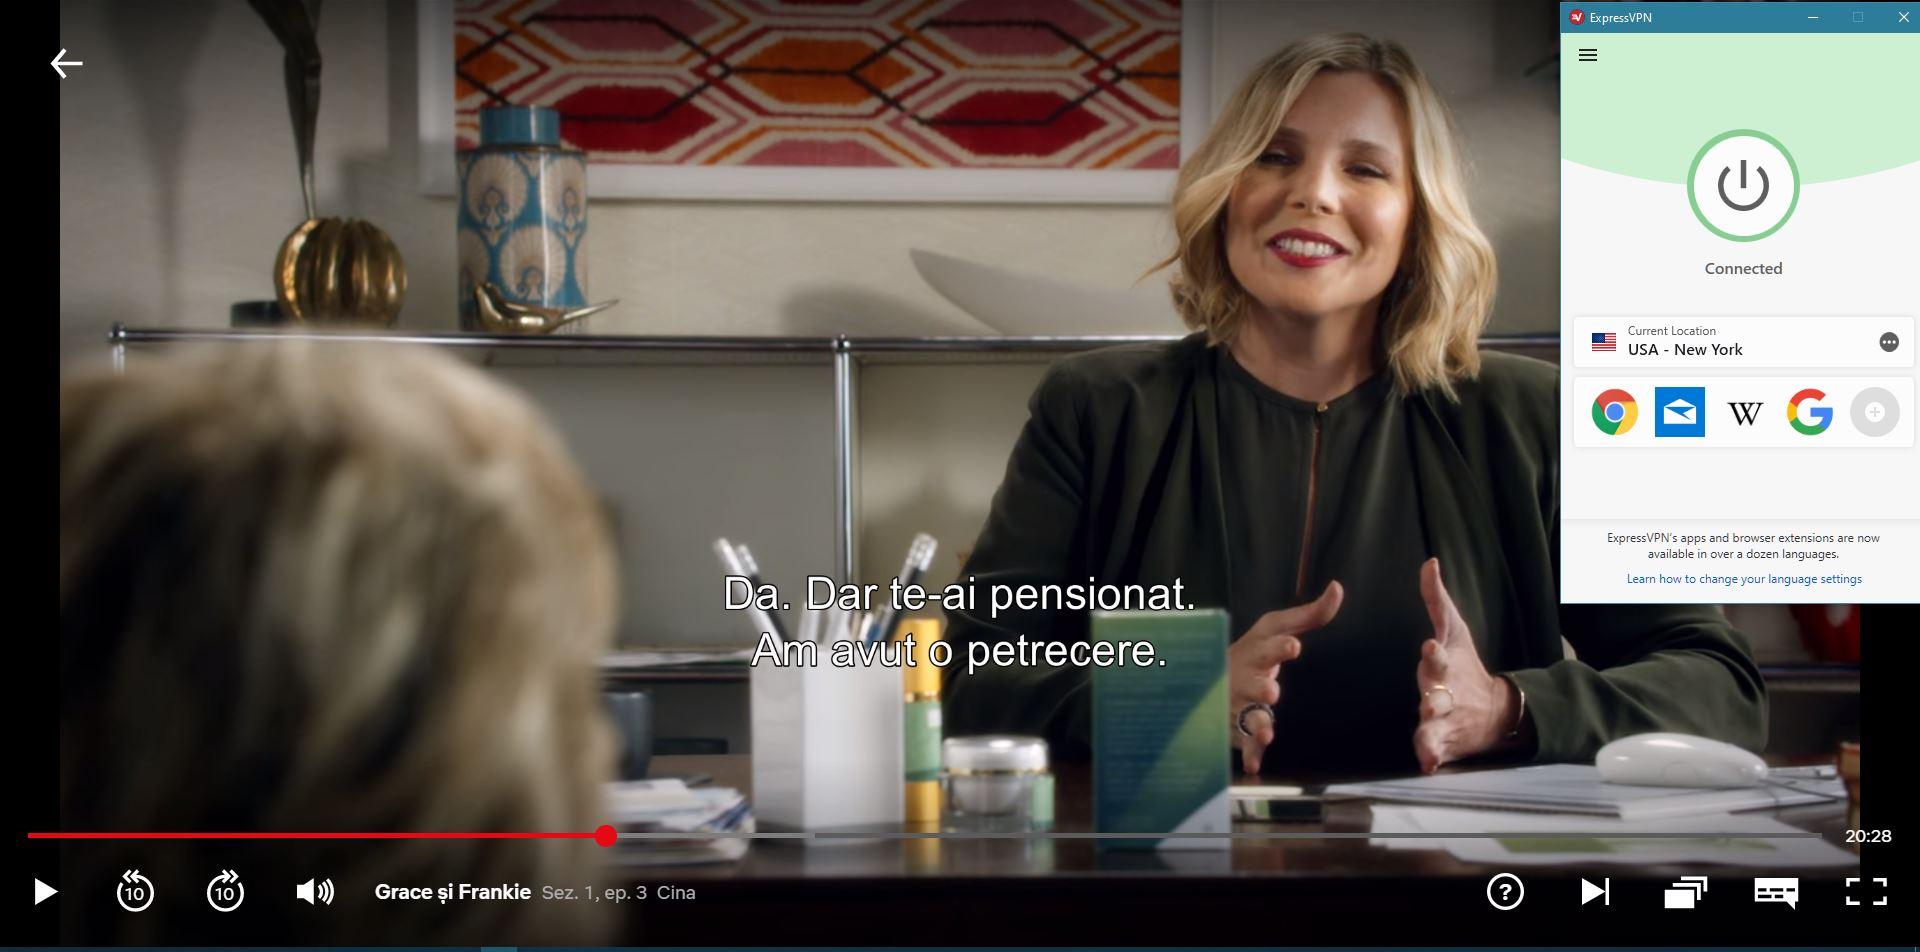 """captură de ecran de """"Grace And Frankie"""" care se joacă pe Netflix cu ExpressVPN"""